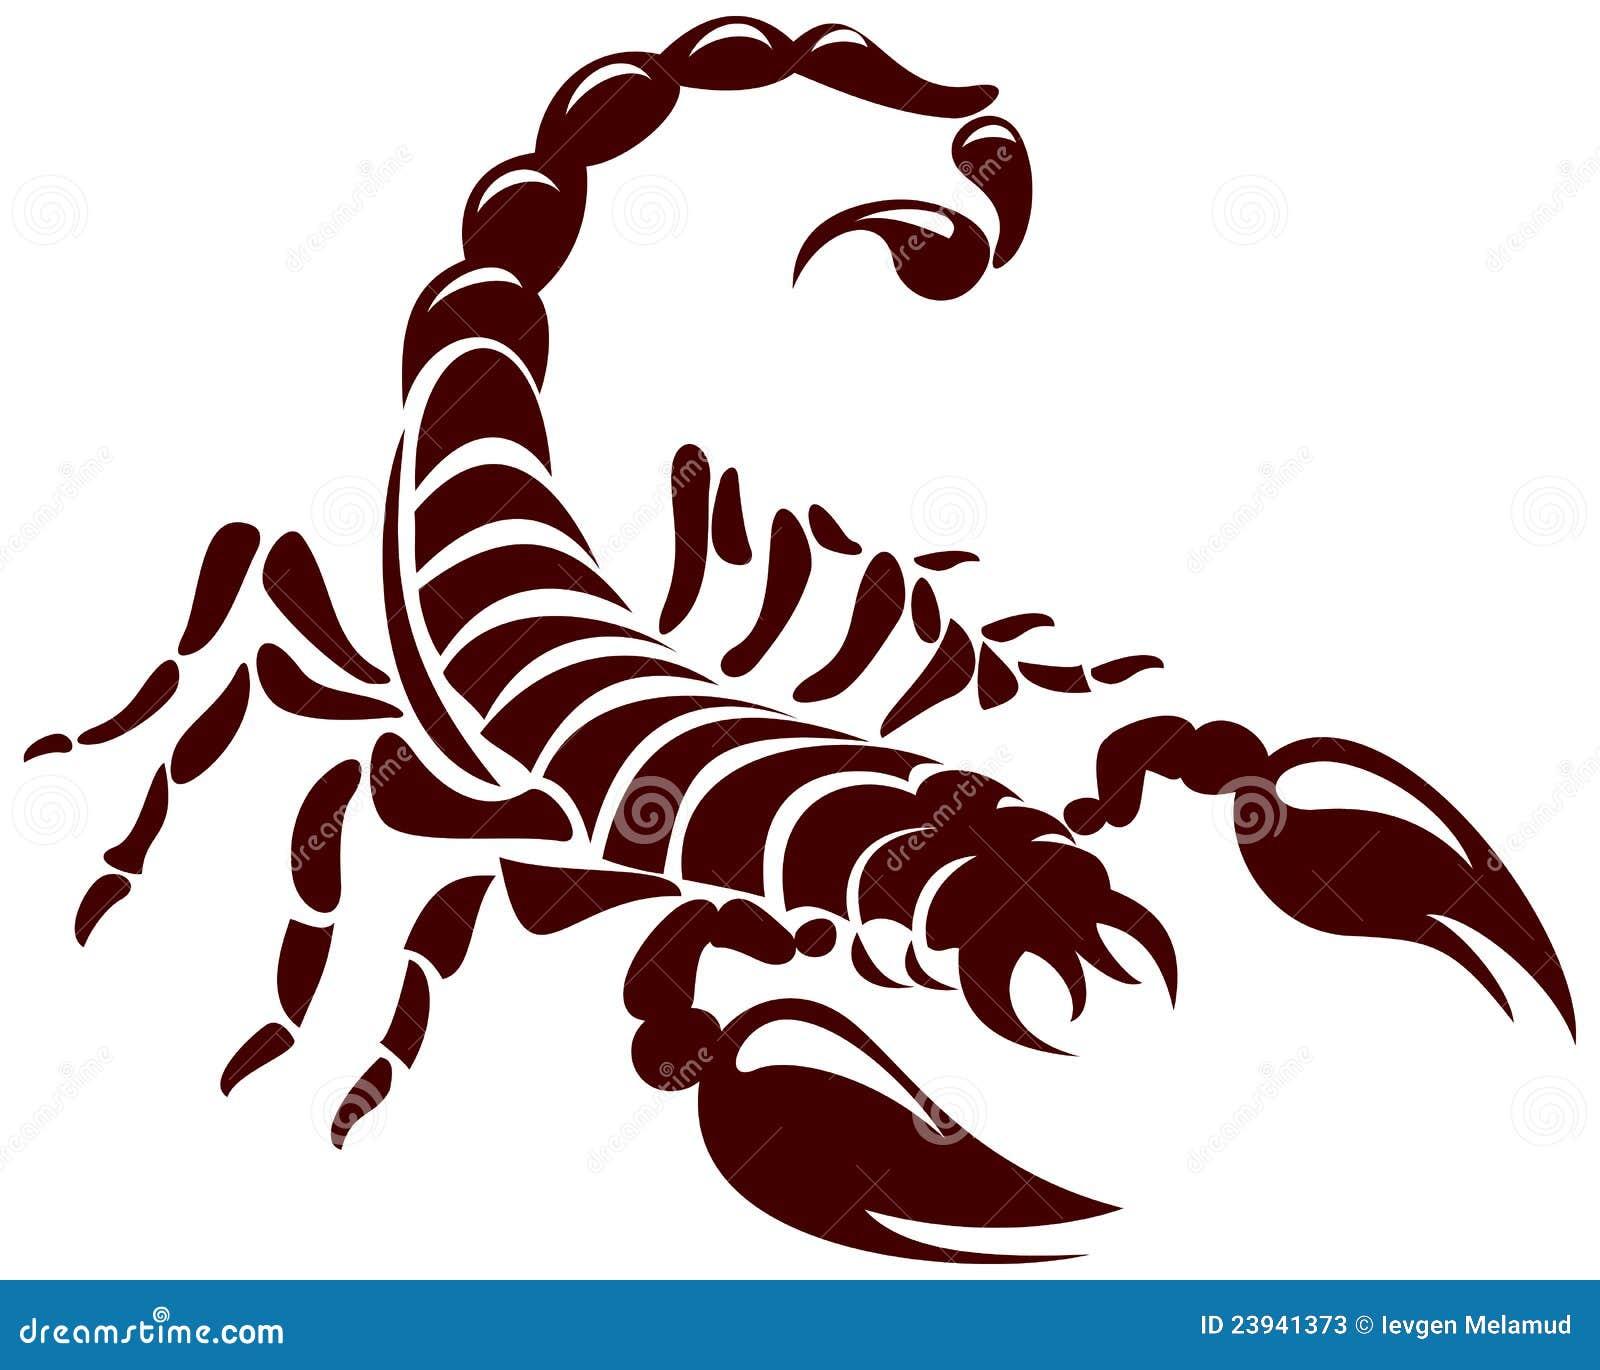 u874e u5b50 u56fe u7247 u5927 u5168 u5927 u56fe   u6392 u884c u699c u5927 u5168 scorpion clip art black and white scorpio clip art free